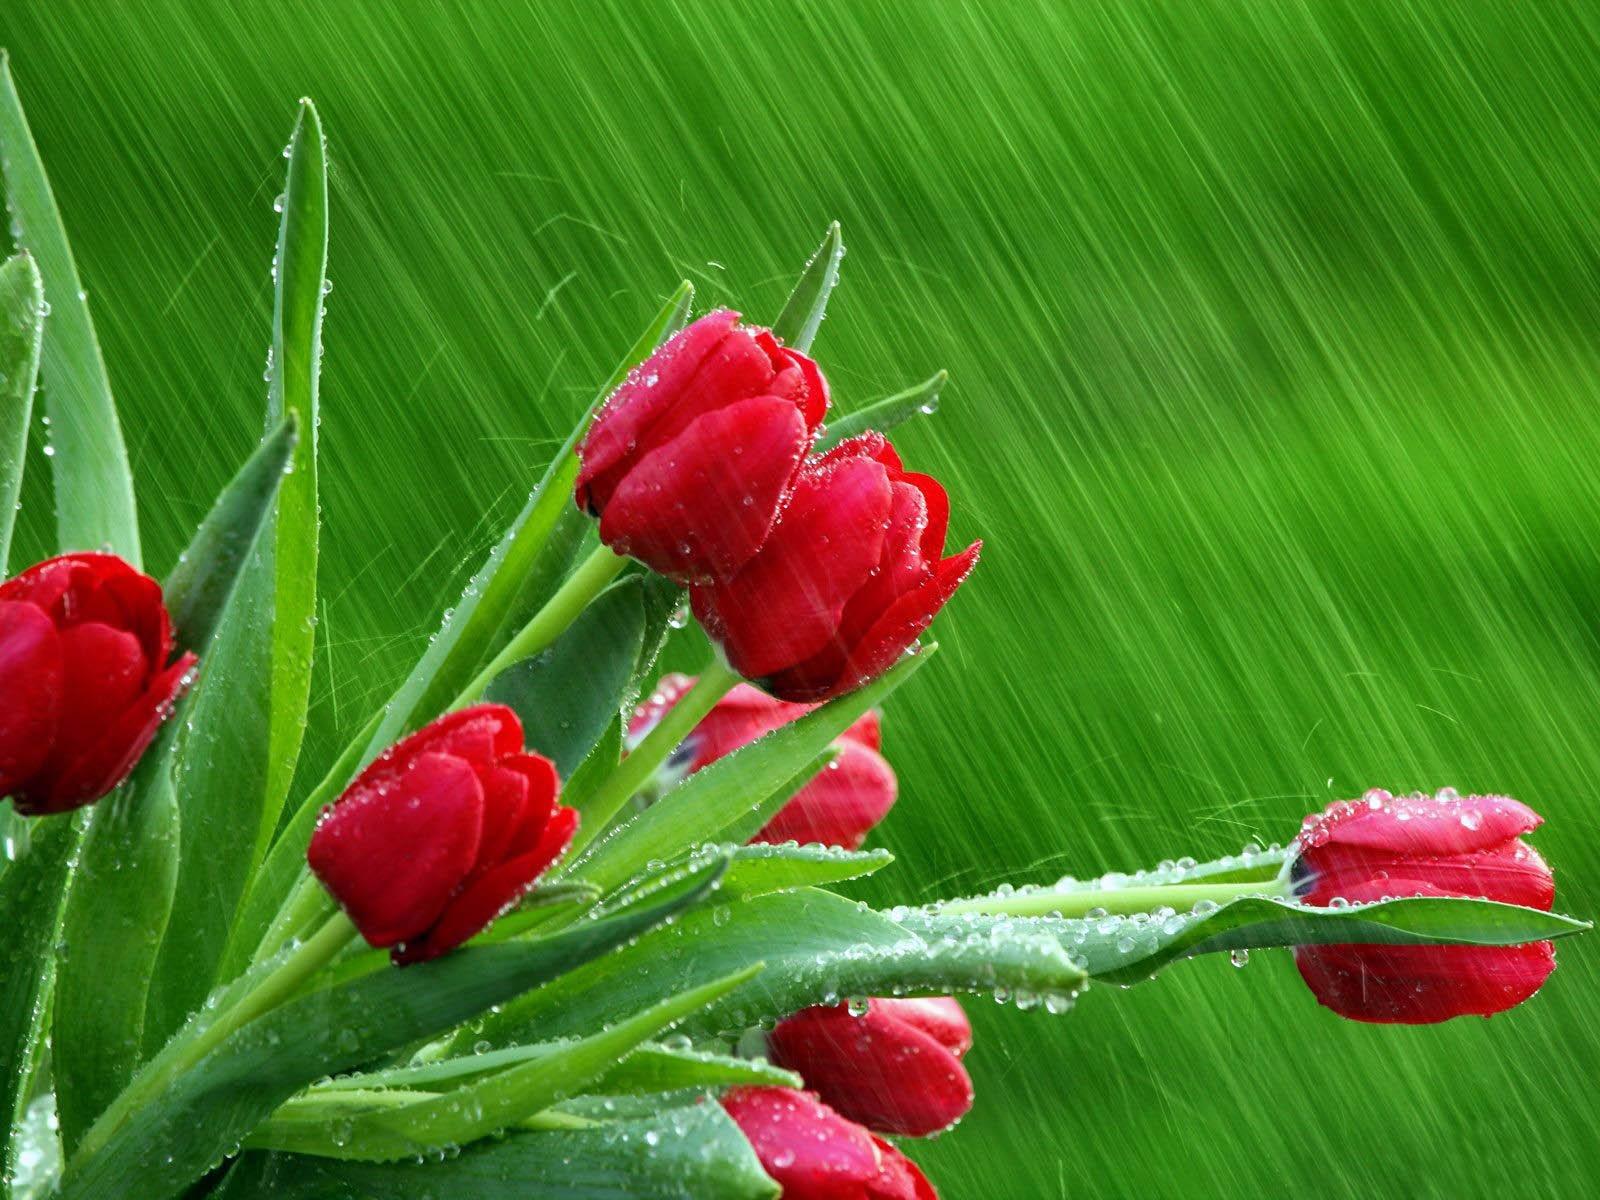 The Best Top Desktop Roses Wallpapers Hd Rose Wallpaper  Beautiful Red Roses